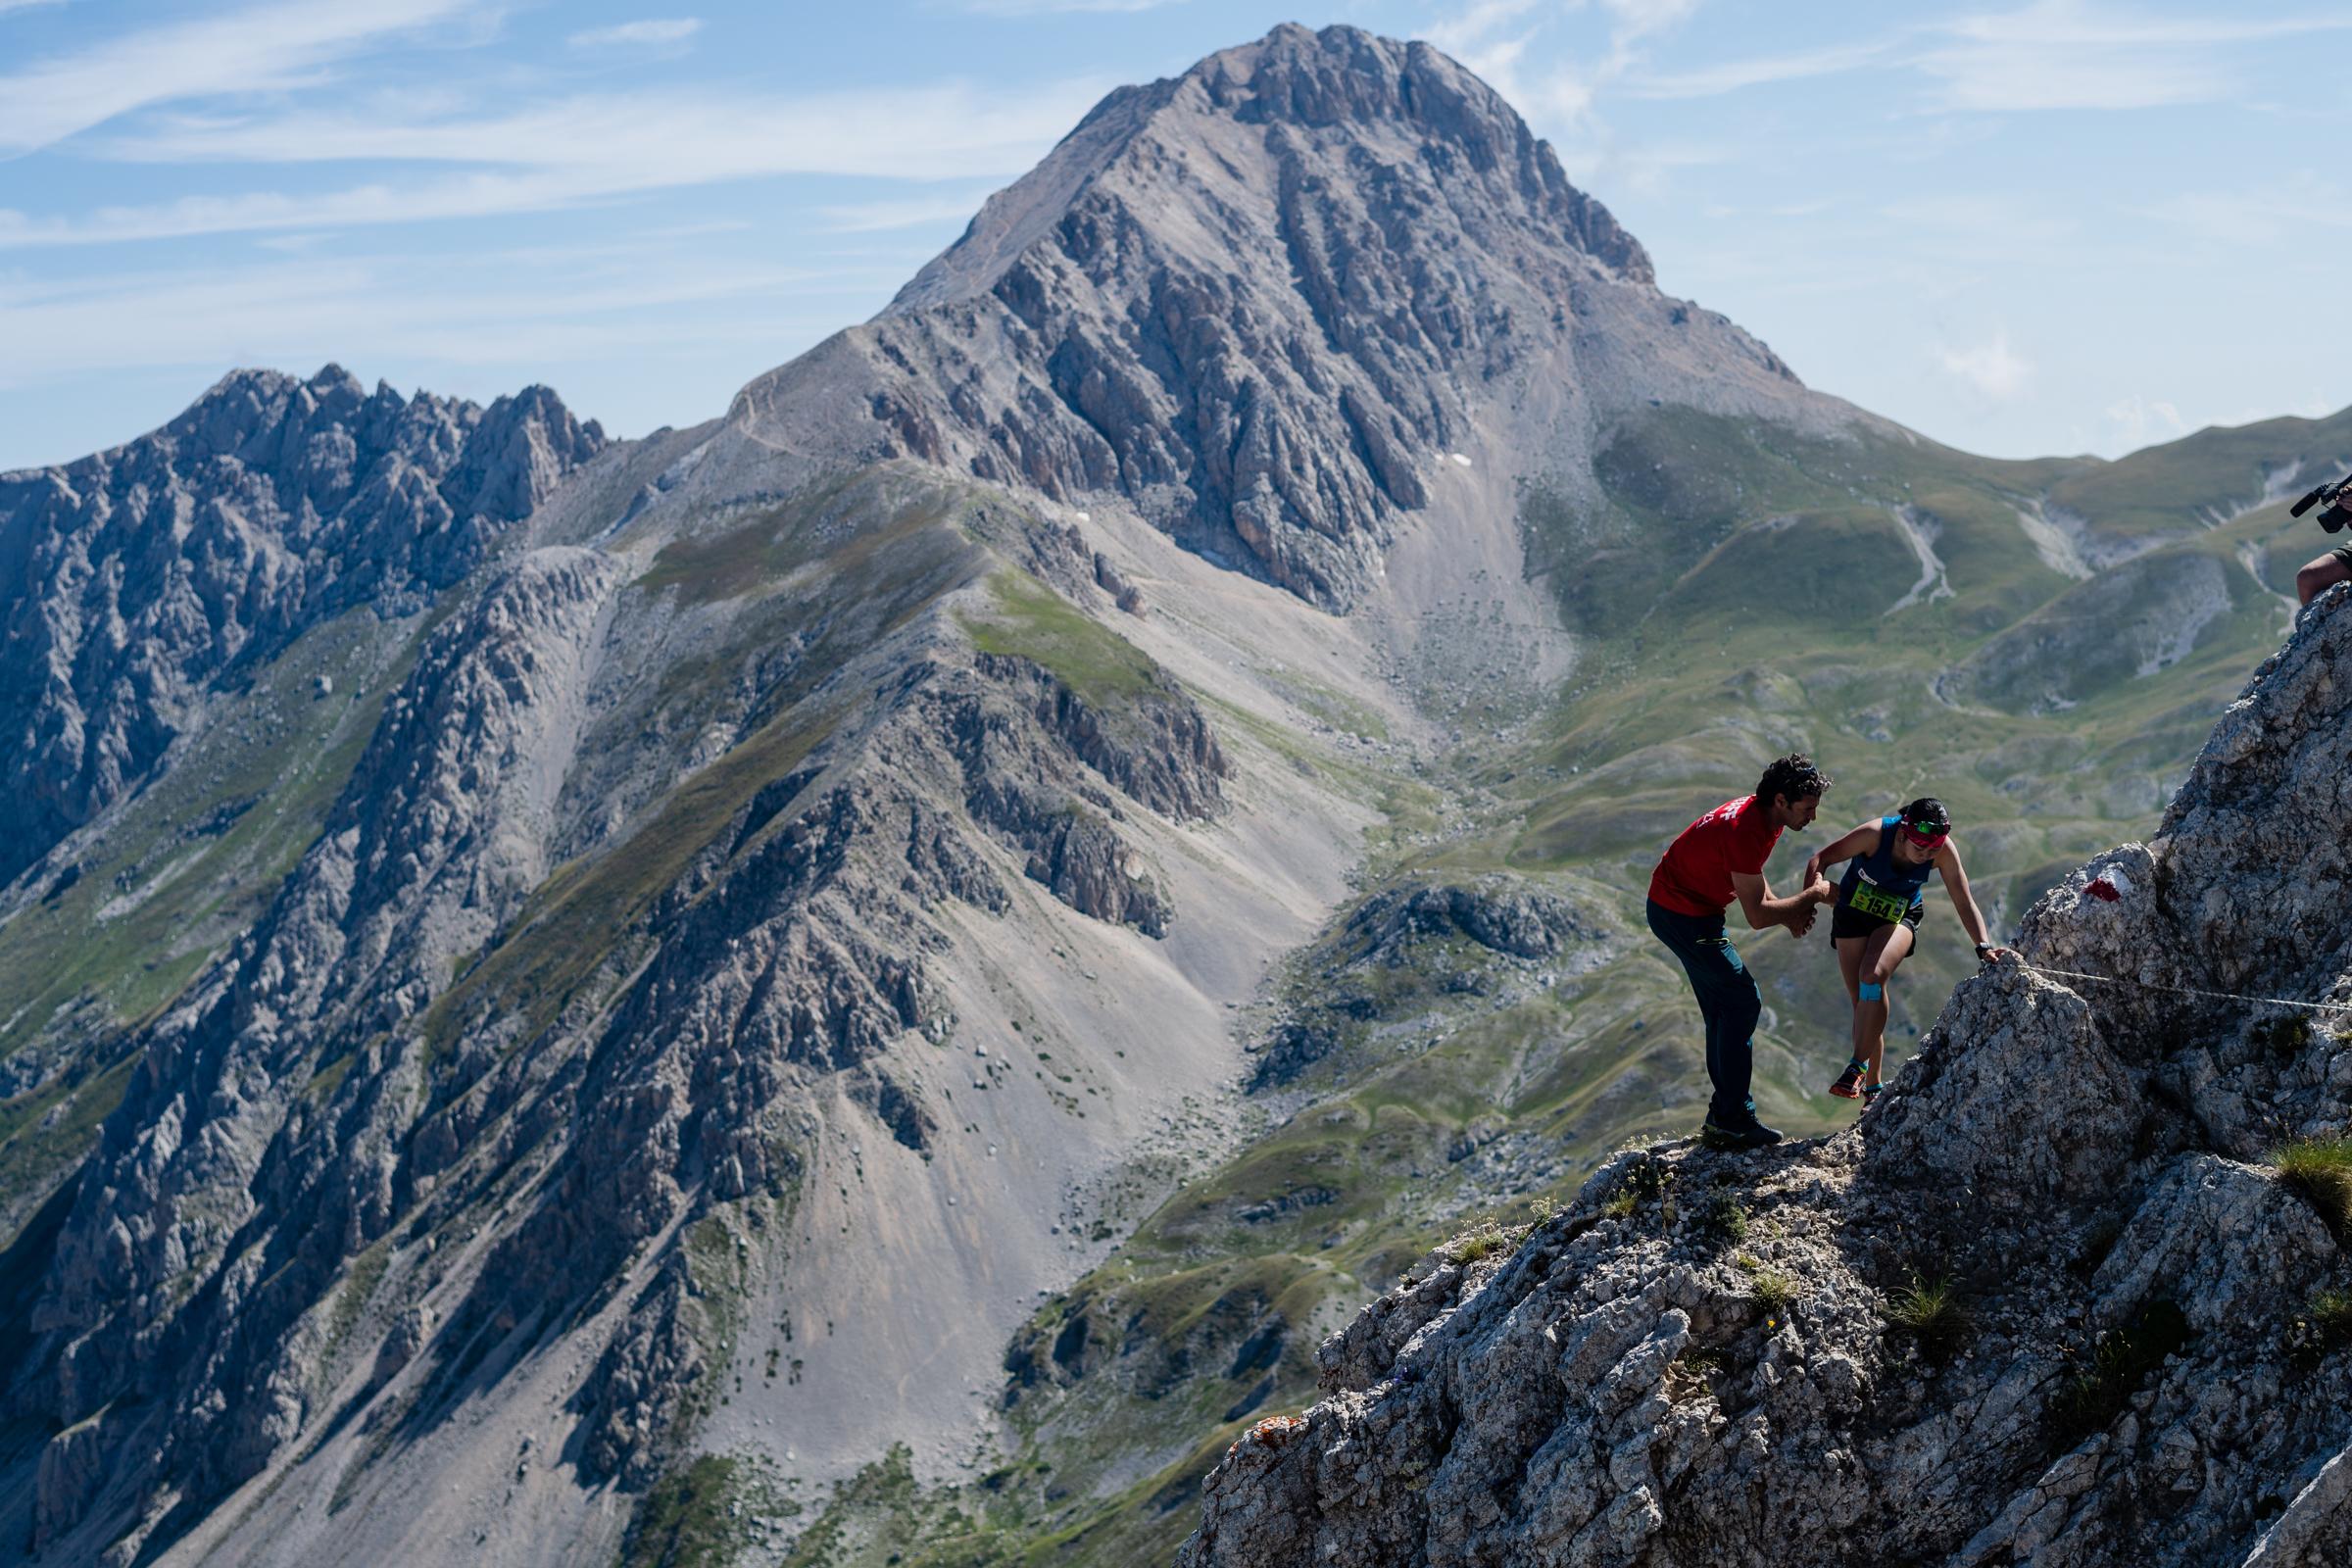 標高2500m級、急峻でテクニカルな山岳が舞台のスカイレース。選手はキャプテンの滝澤 ©Nagi Mueofushi